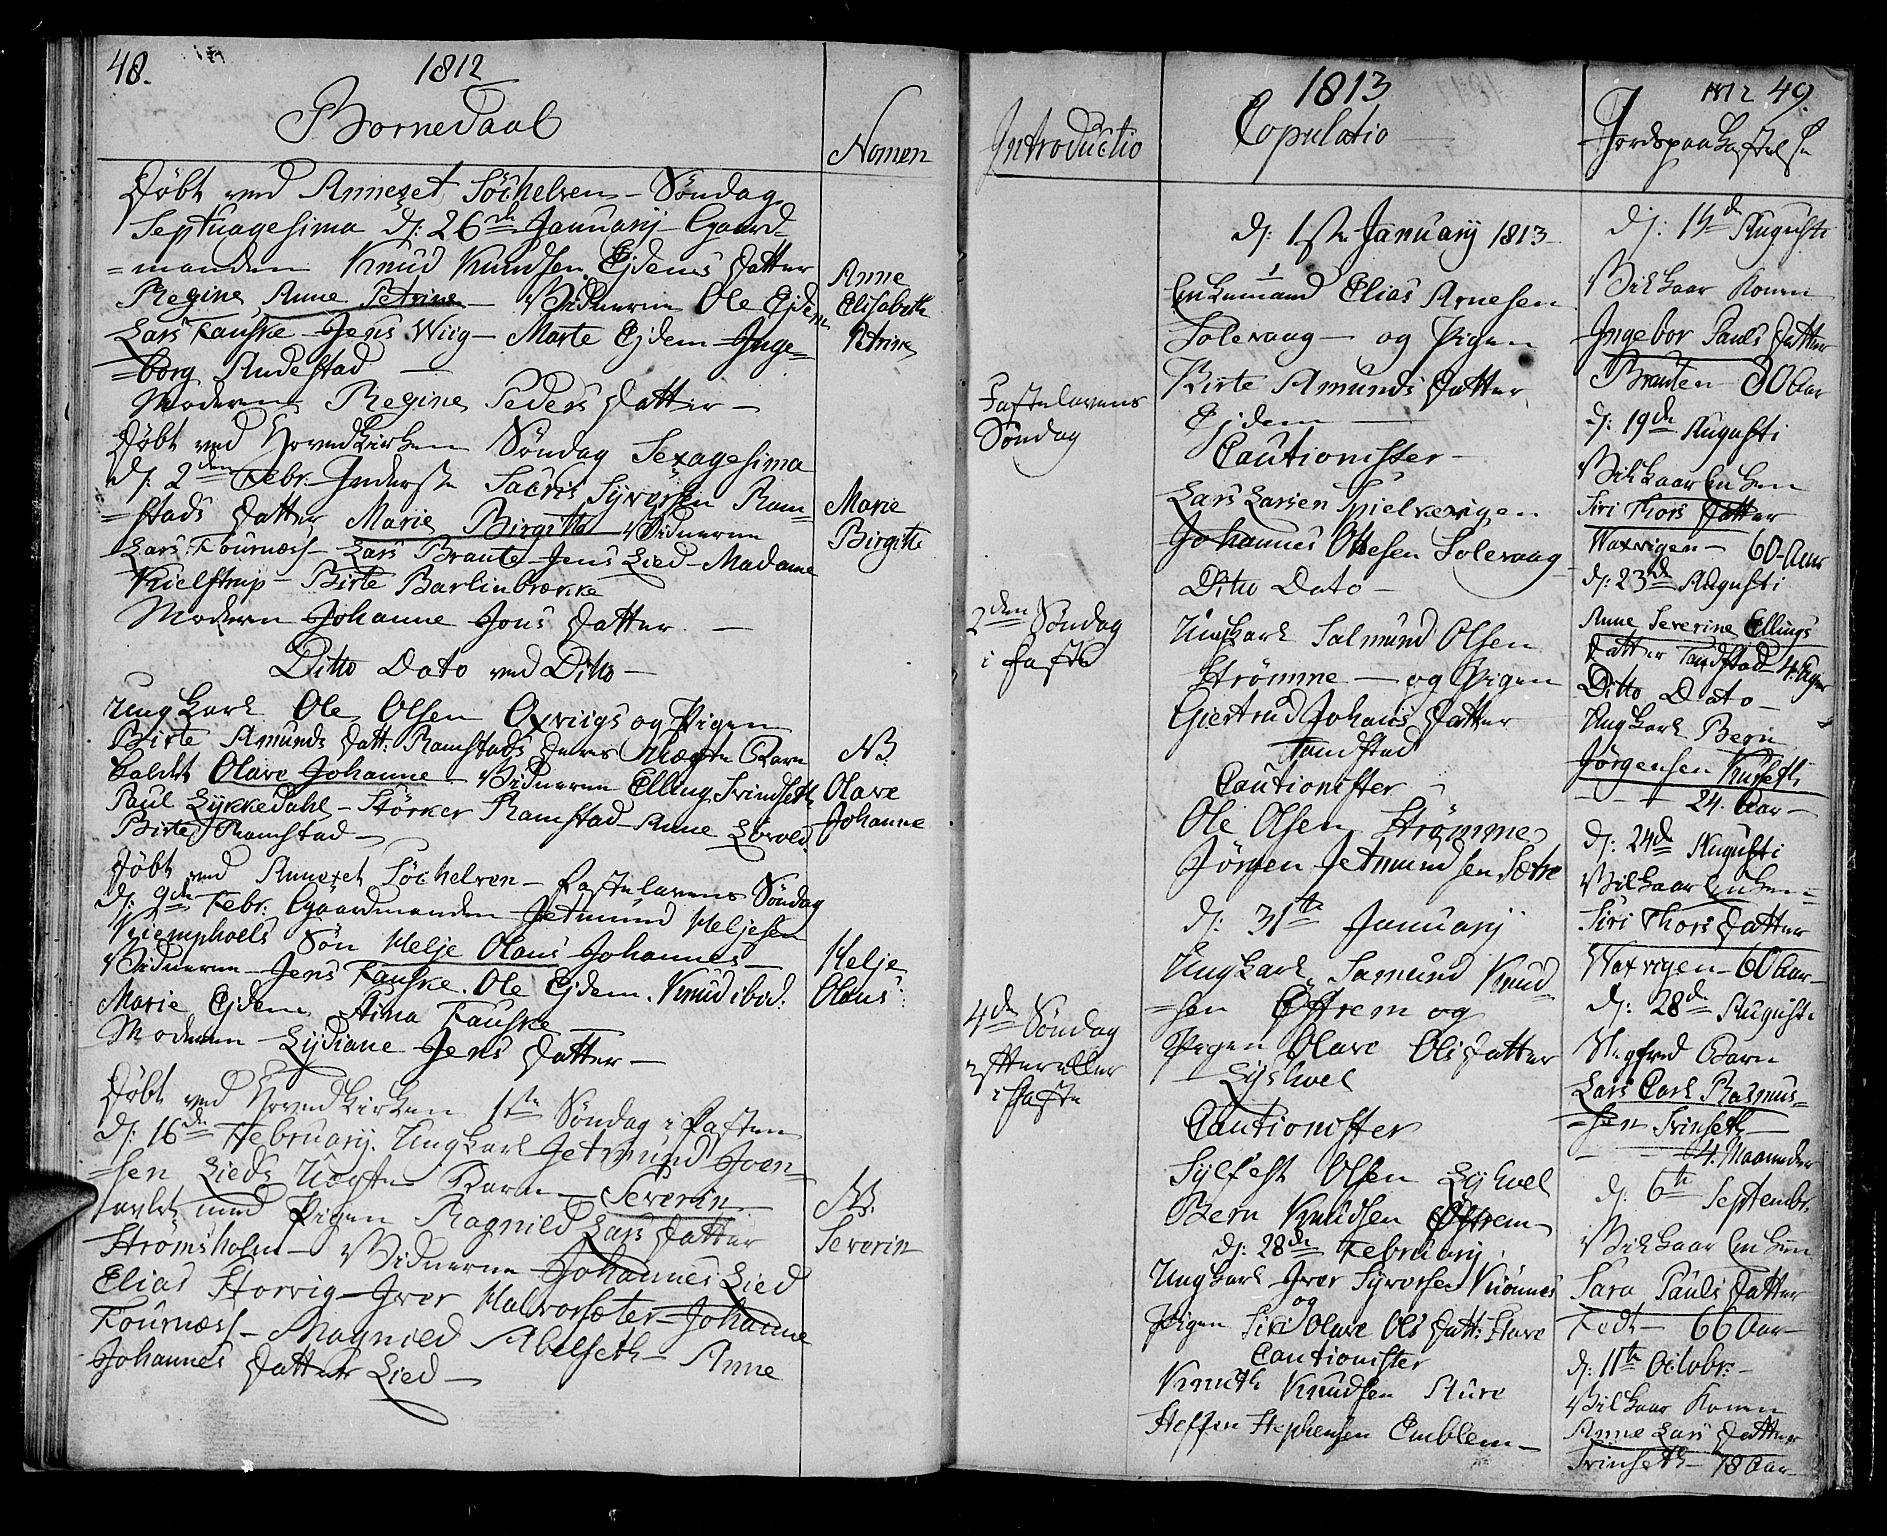 SAT, Ministerialprotokoller, klokkerbøker og fødselsregistre - Møre og Romsdal, 522/L0309: Ministerialbok nr. 522A04, 1810-1816, s. 48-49